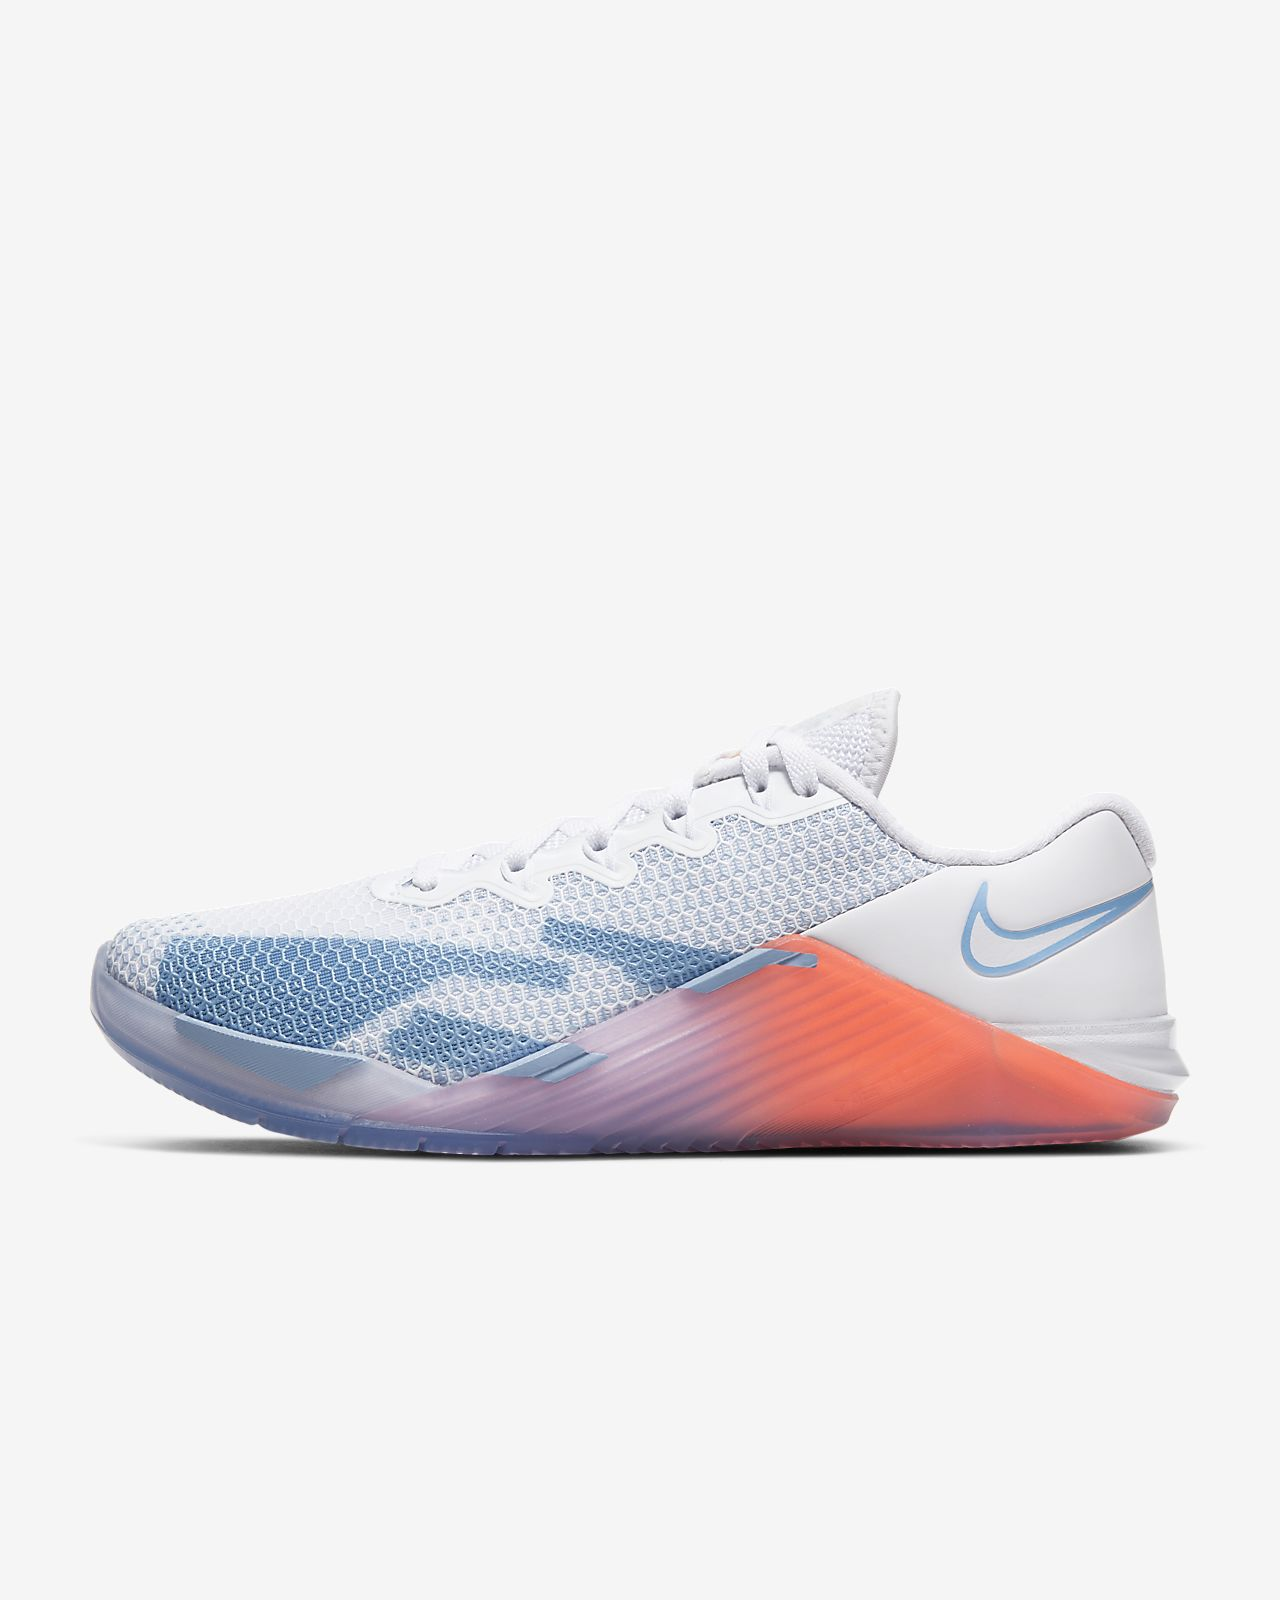 Calzado de entrenamiento para mujer Nike Metcon 5 Premium